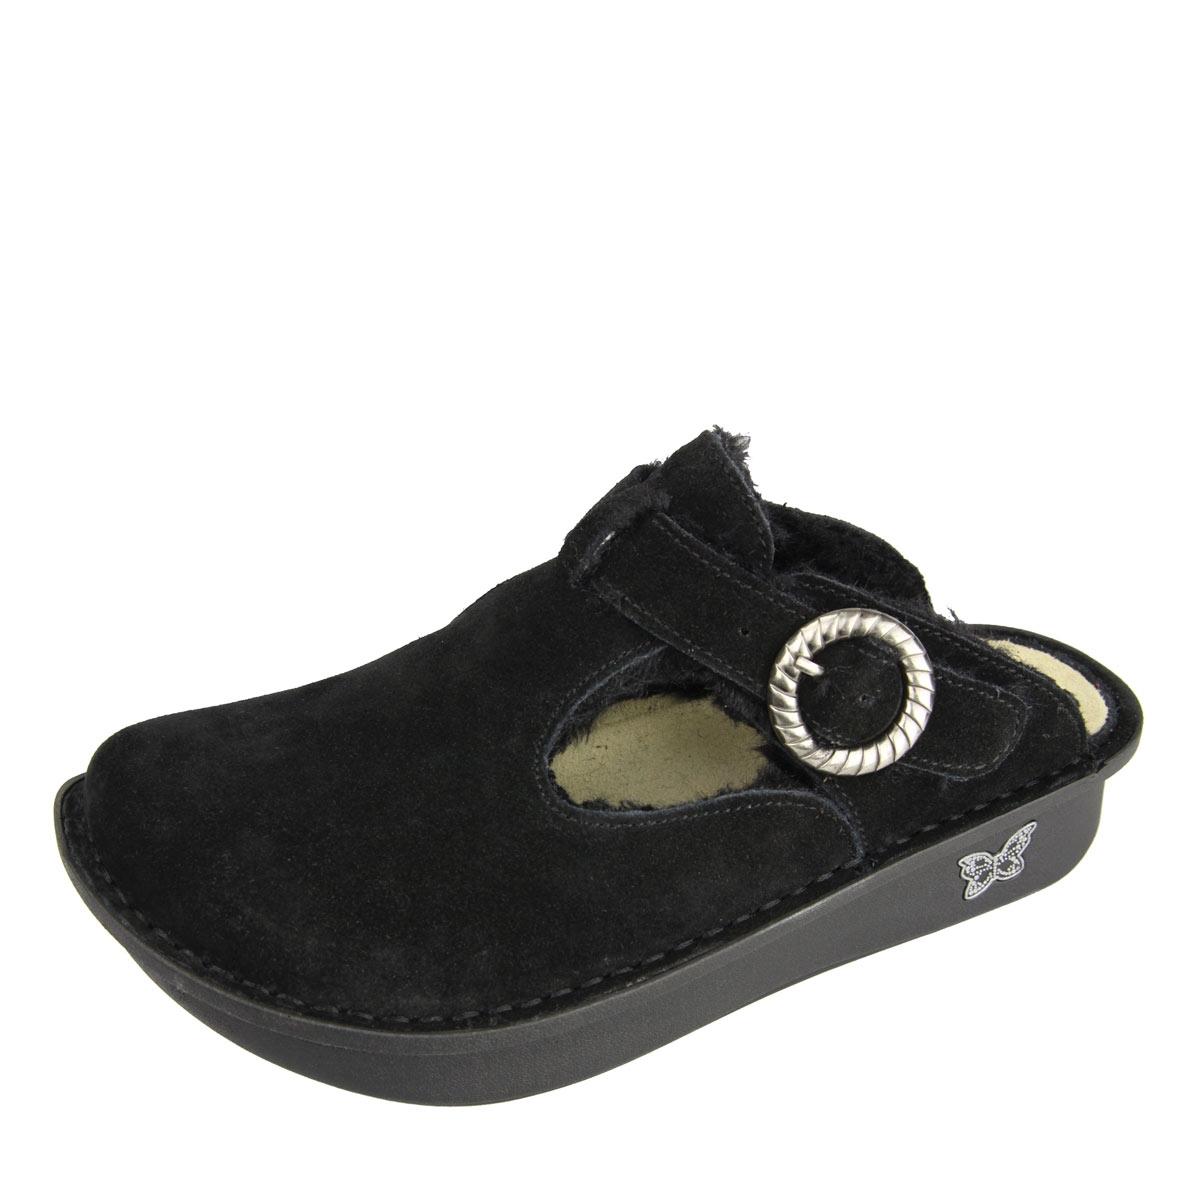 Alegria Shoes Classic Black Shearling Boots Alegria